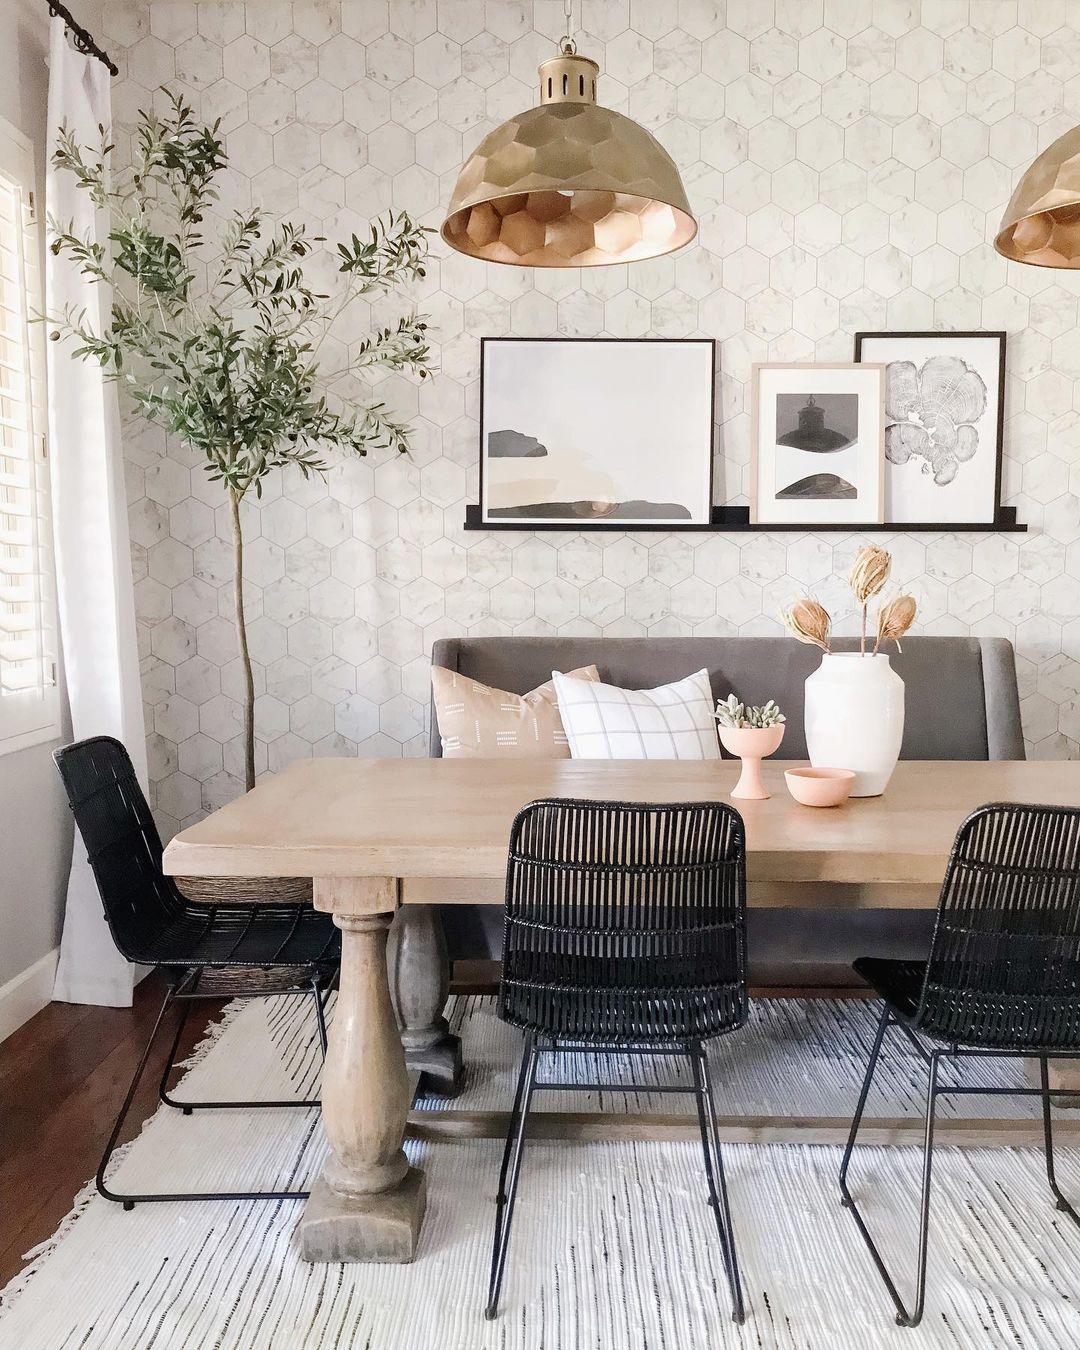 10 Inspiring Mid-Century Dining Room Ideas_4